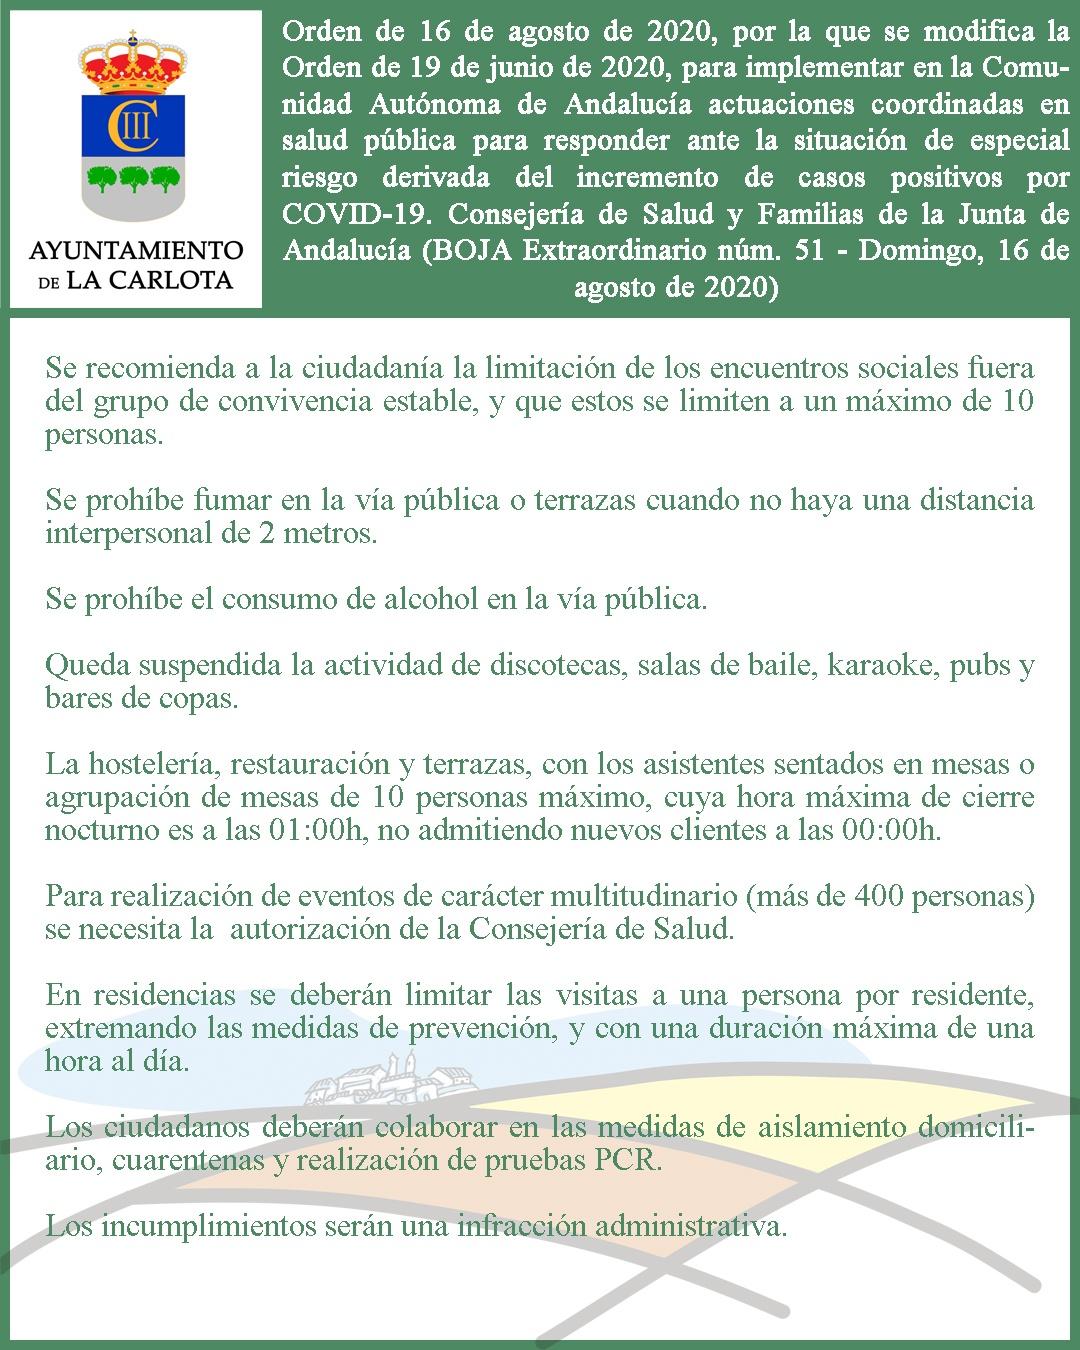 ORDEN DE 16 DE AGOSTO DE 2020, POR LA QUE SE MODIFICA LA ORDEN DE 19 DE JUNIO DE 2020, PARA IMPLEMENTAR EN LA COMUNIDAD AUTÓNOMA DE ANDALUCÍA ACTUACIONES COORDINADAS EN SALUD PÚBLICA PARA RESPONDER ANTE LA SITUACIÓN DE ESPECIAL RIESGO DERIVADA DEL INCREME 1